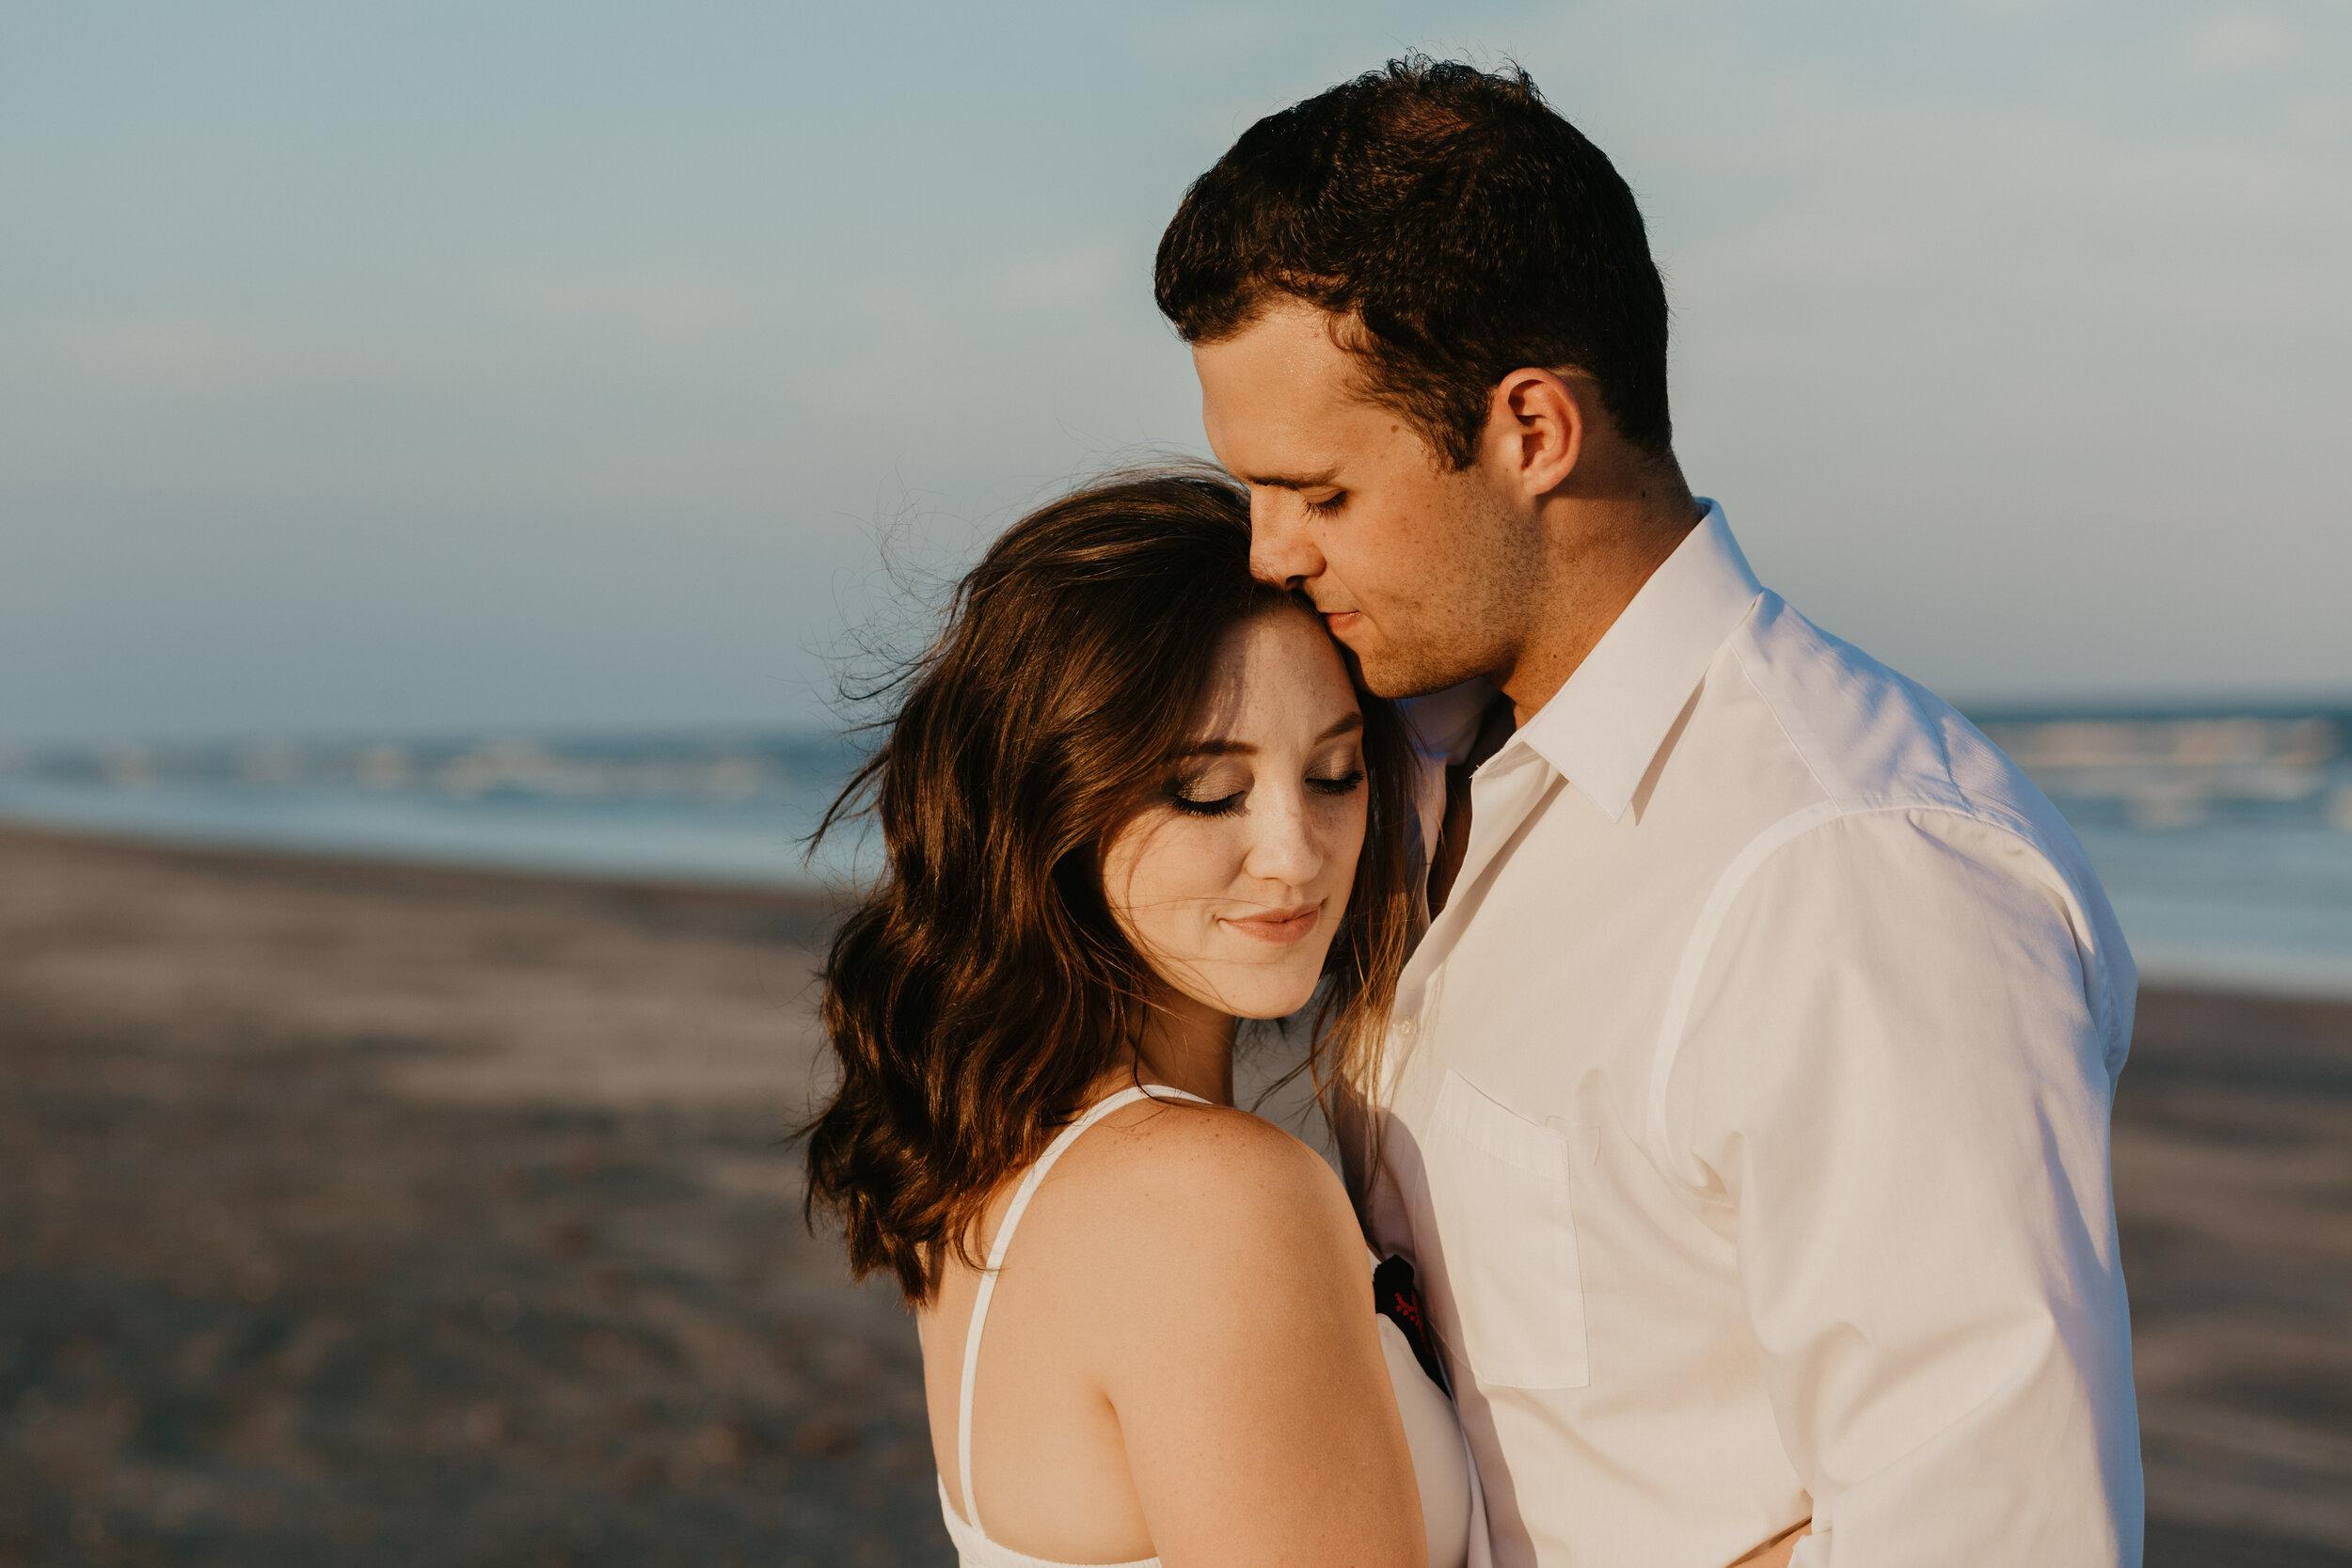 Hannah_and_Ethan_Engagement-38.jpg